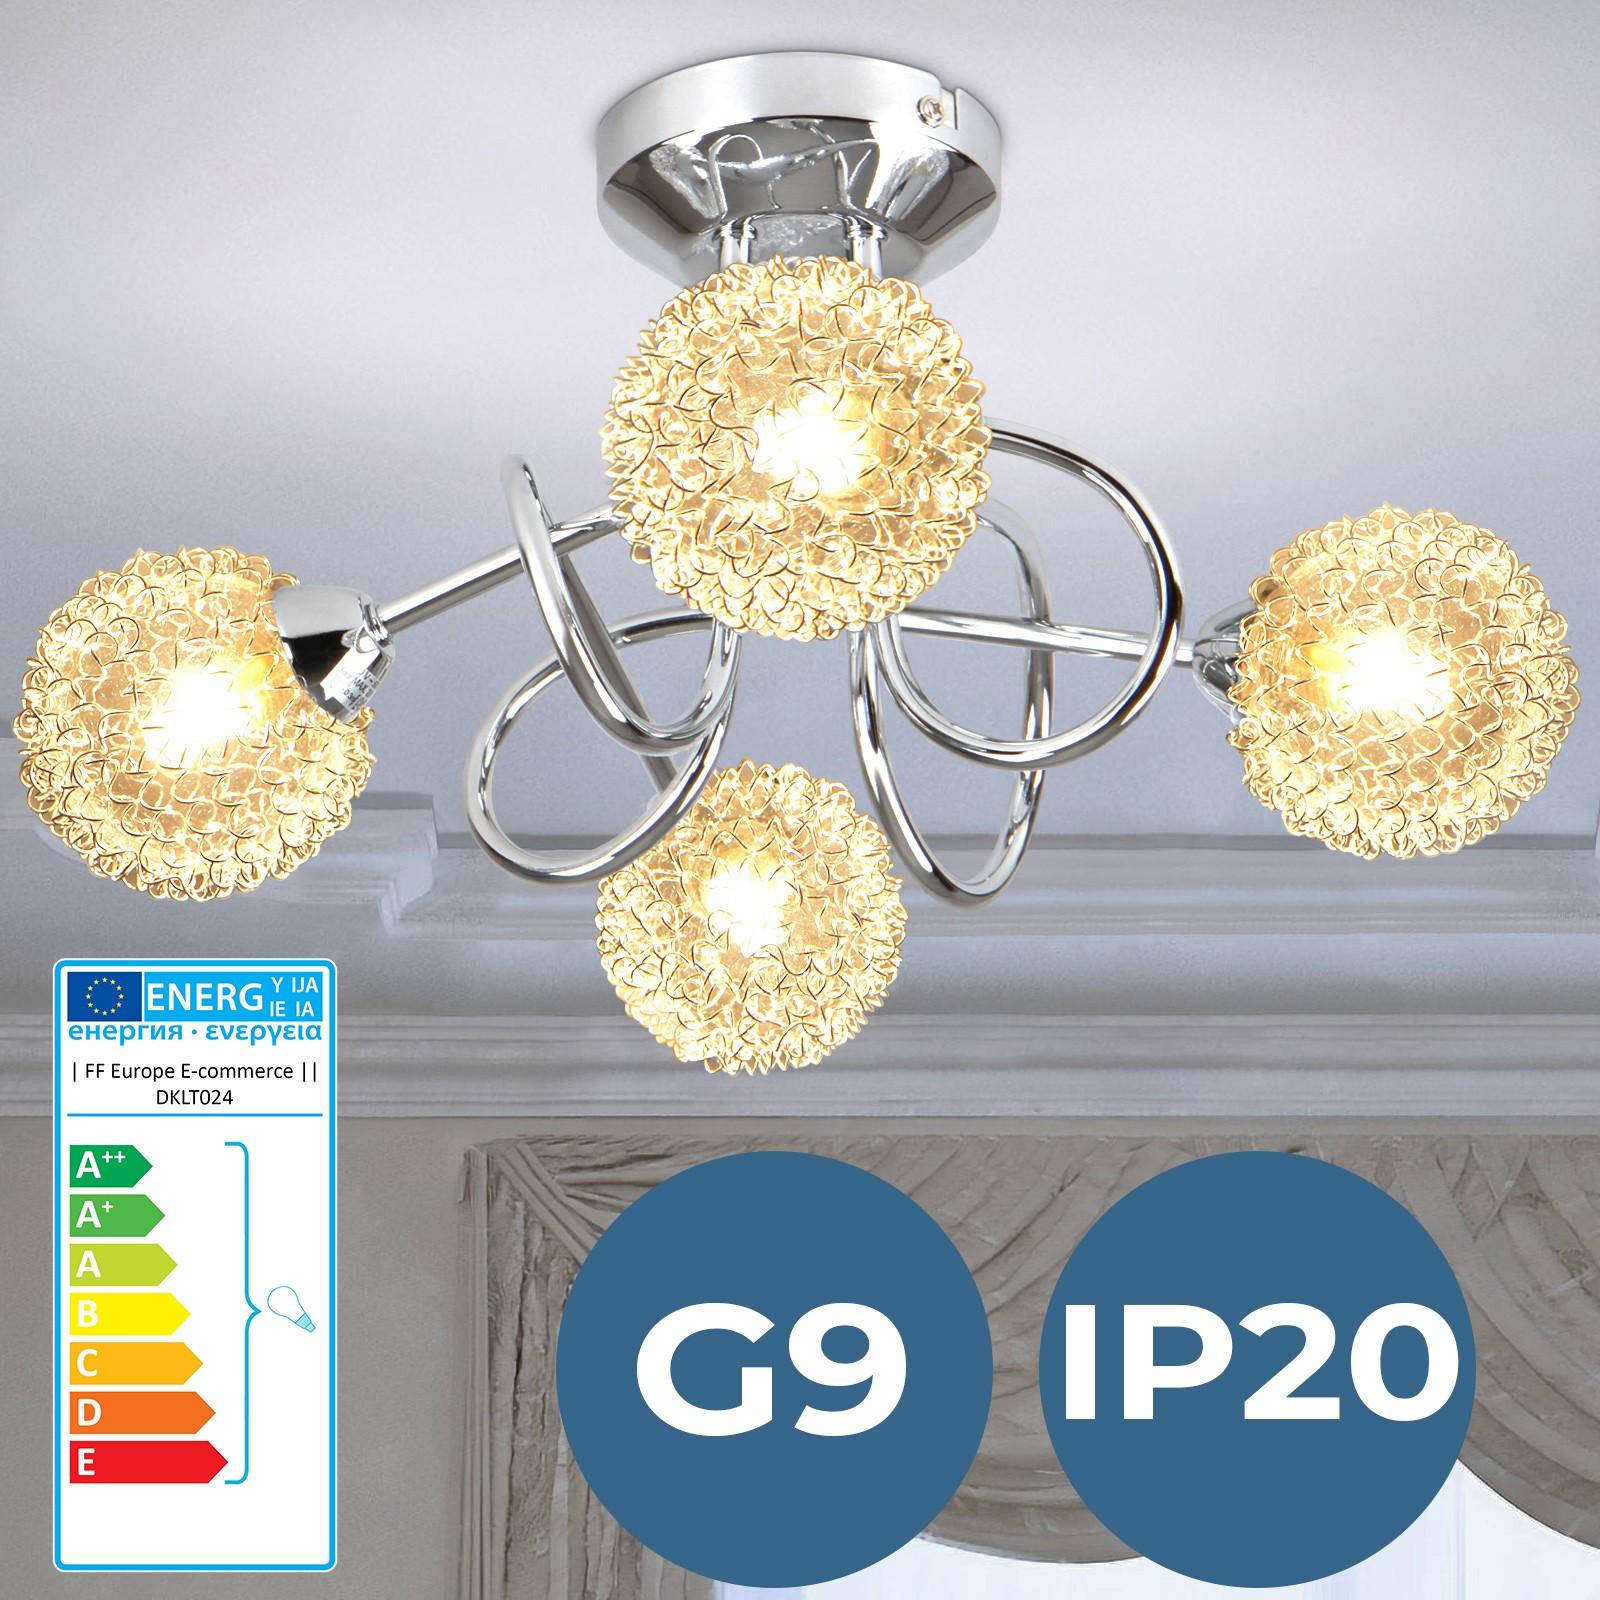 Full Size of Deckenlampen Schlafzimmer Deckenlampe Modern Design Deckenleuchte Ikea Bauhaus Gold Sternenhimmel Landhausstil Dimmbar Amazon Sessel Kronleuchter Fototapete Wohnzimmer Deckenlampen Schlafzimmer